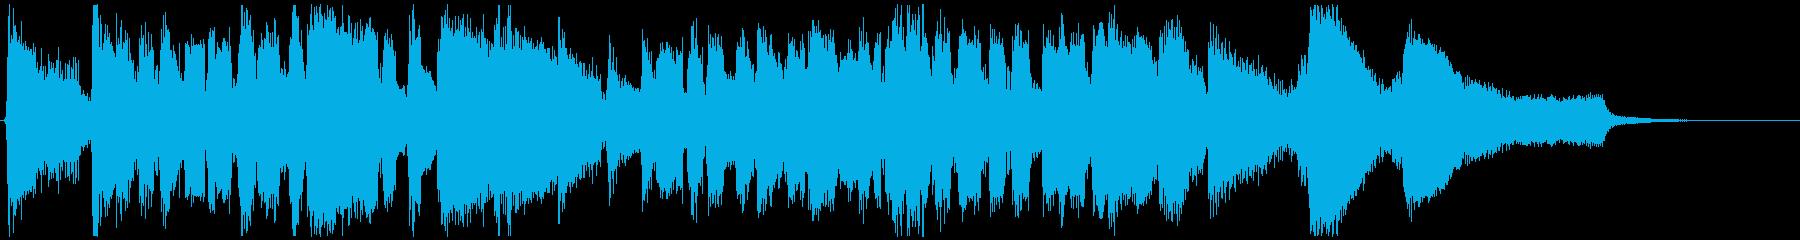 スタンダード系のジャズ◆CM向け15秒曲の再生済みの波形